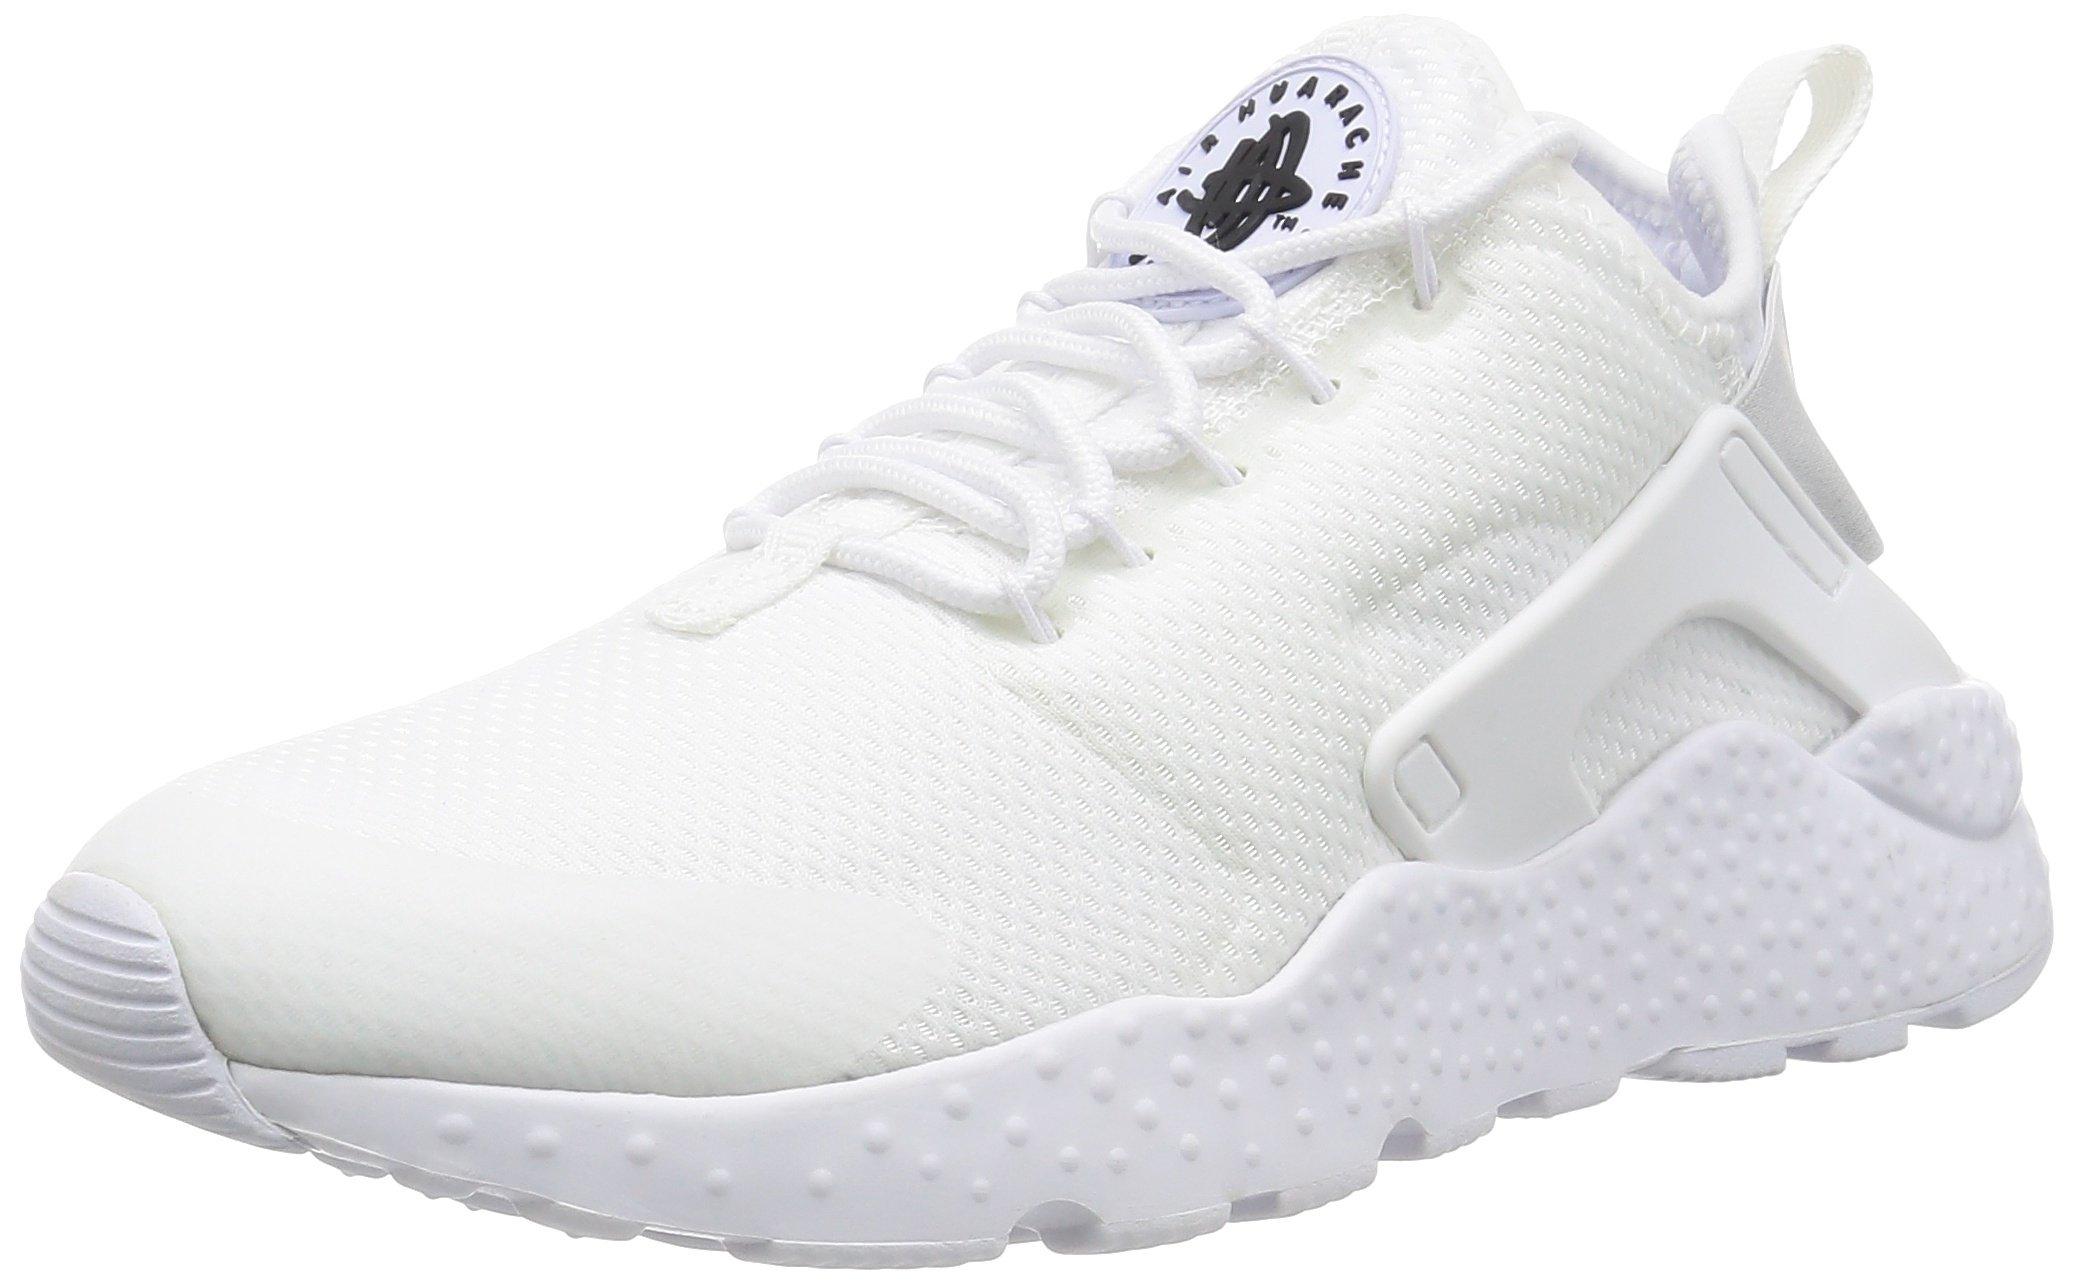 9b971dd58c8 Galleon - Nike Womens W Air Huarache Run Ultra White Black Mesh Size 7